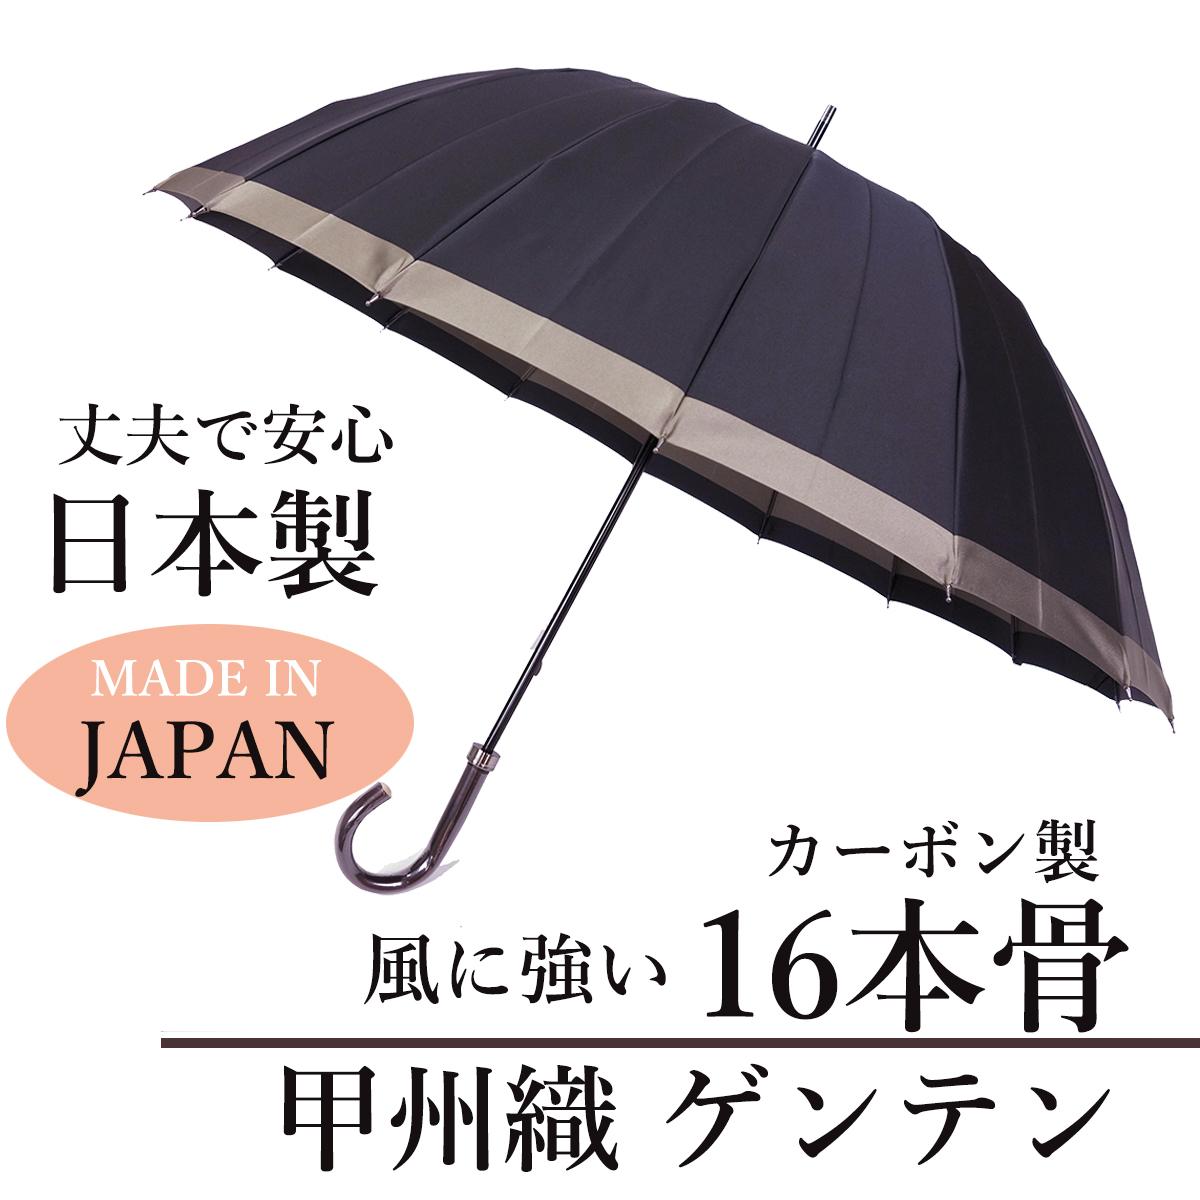 由日本 | 日本伞和平 Koshu 织物 genten 16 骨 65 厘米-男人 (男性),长伞 fs04gm